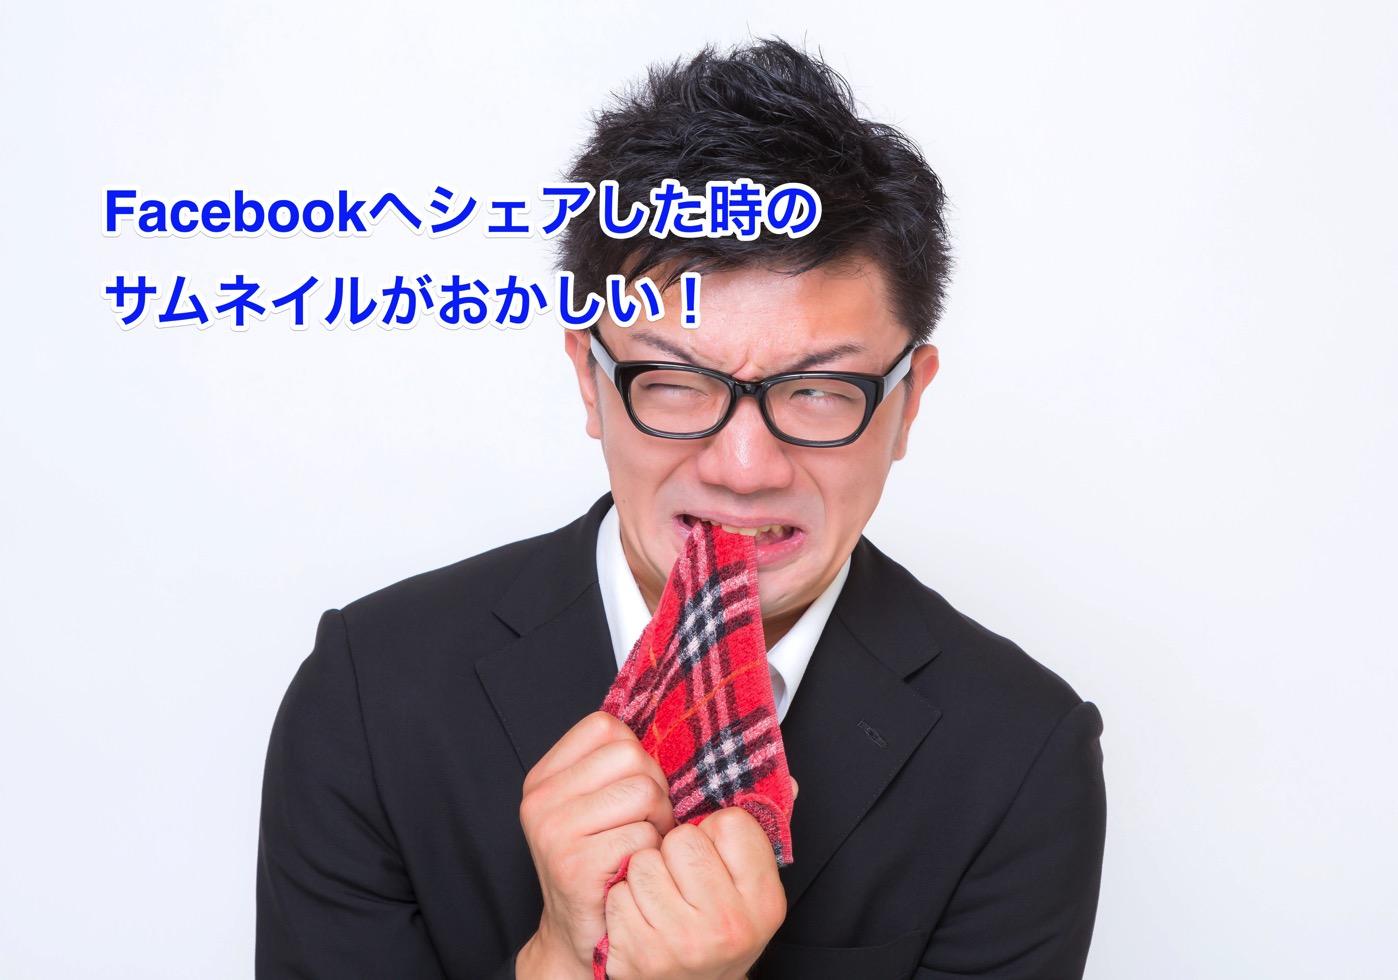 [WordPress]Facebookへシェアしたらサムネイルがおかしい時の対処